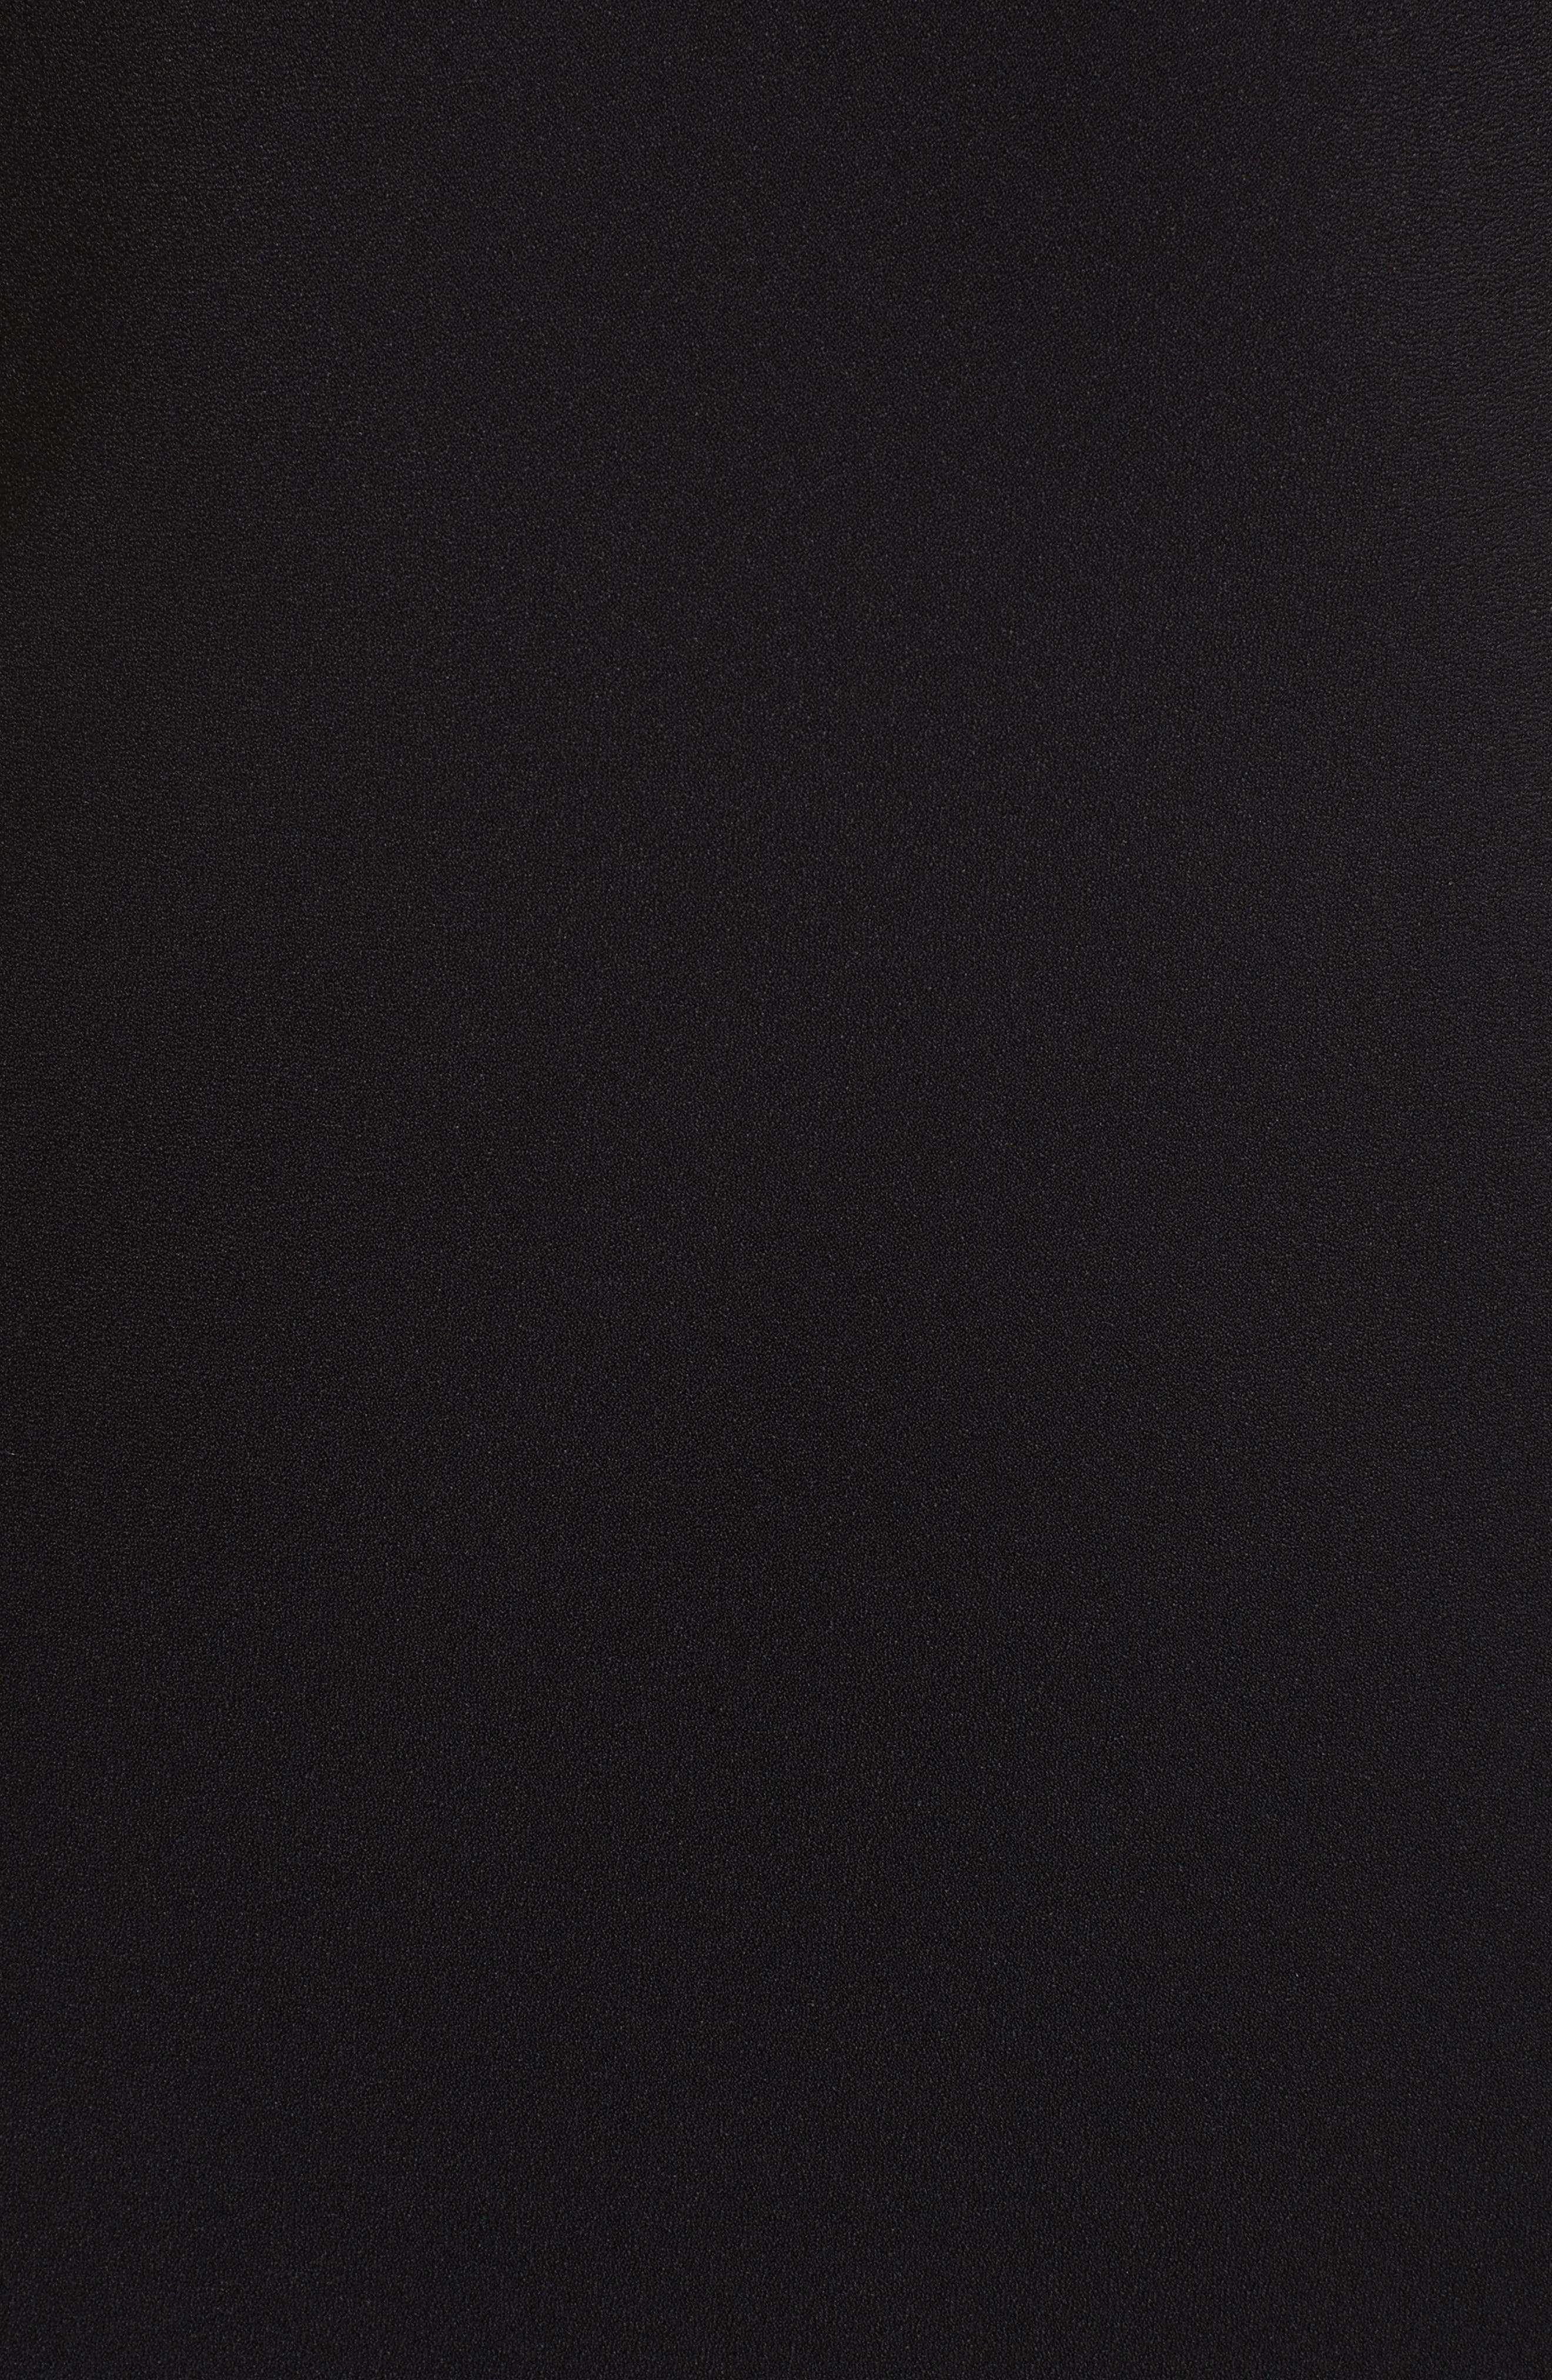 Cowl Back Midi Dress,                             Alternate thumbnail 5, color,                             001